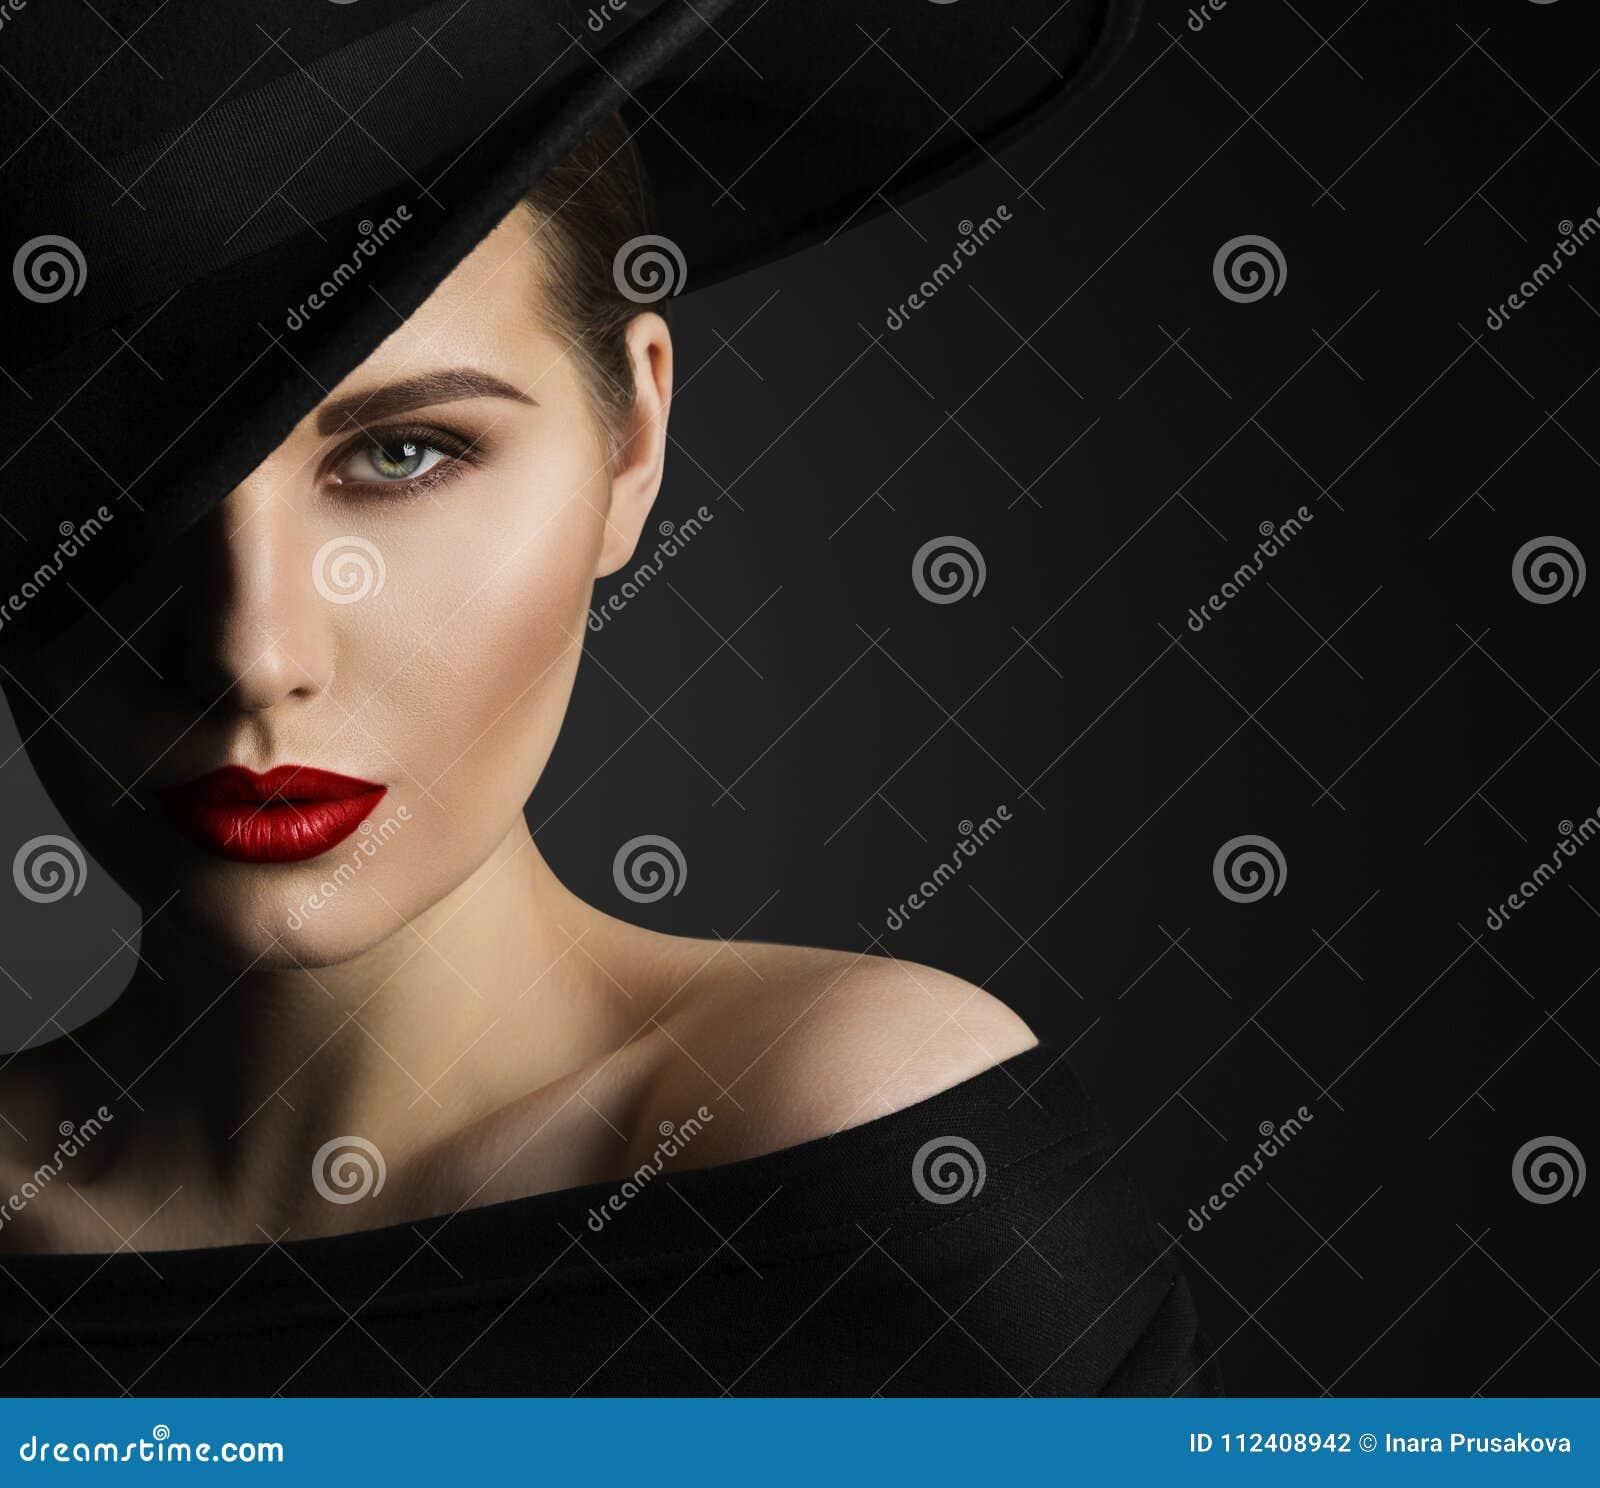 Πρότυπο πορτρέτο ομορφιάς μόδας, ομορφιά γυναικών, κομψό μαύρο καπέλο